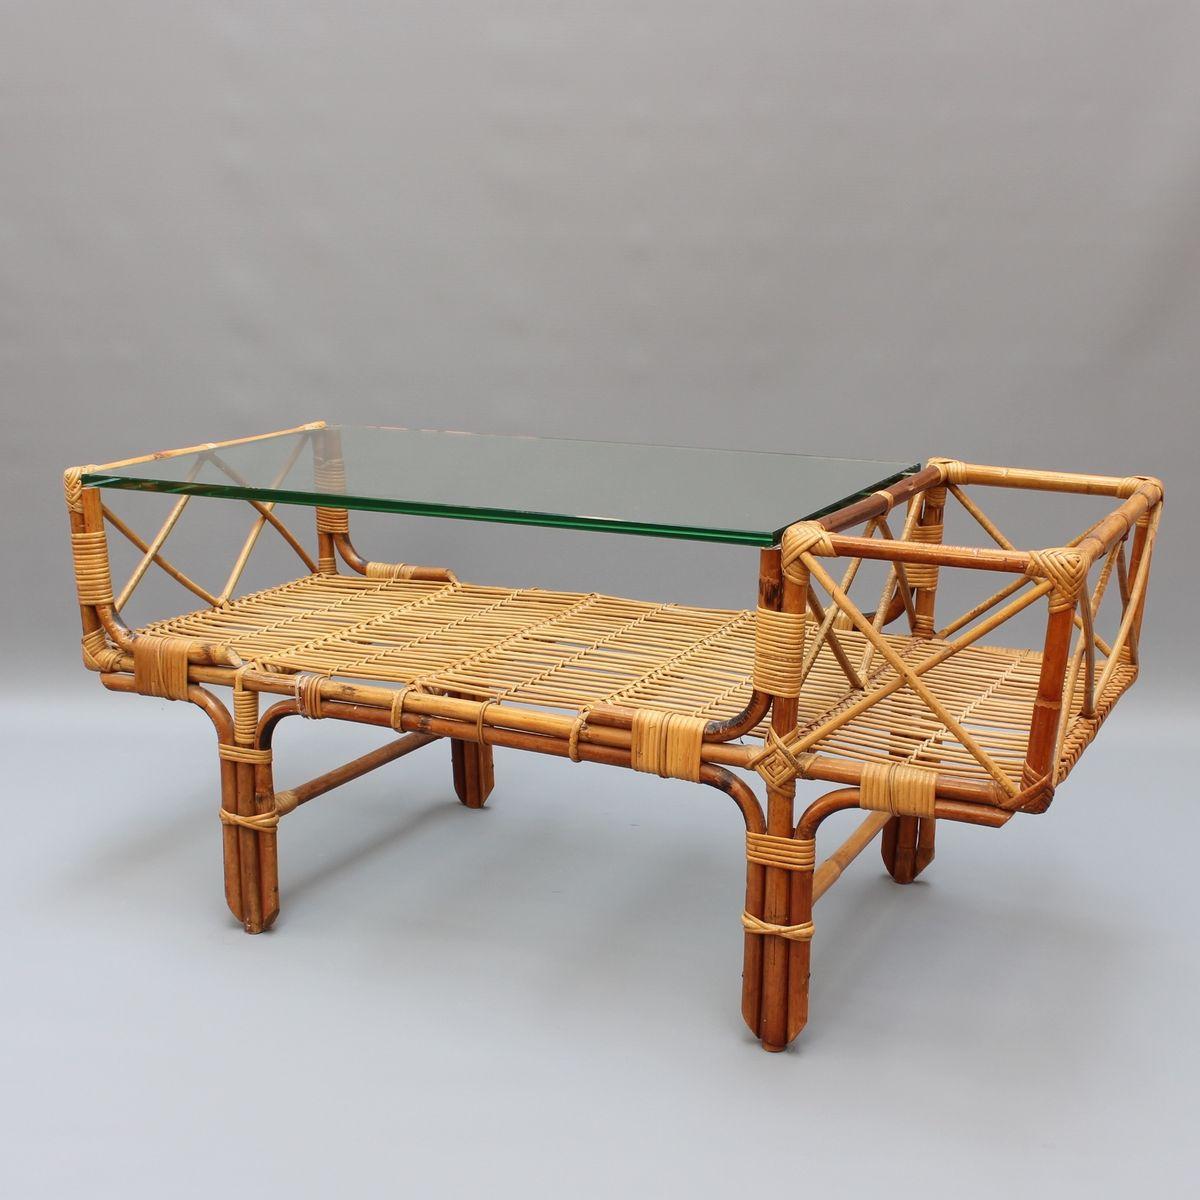 Bambus rattan couchtisch mit glas top 1960er bei pamono - Bambus couchtisch ...